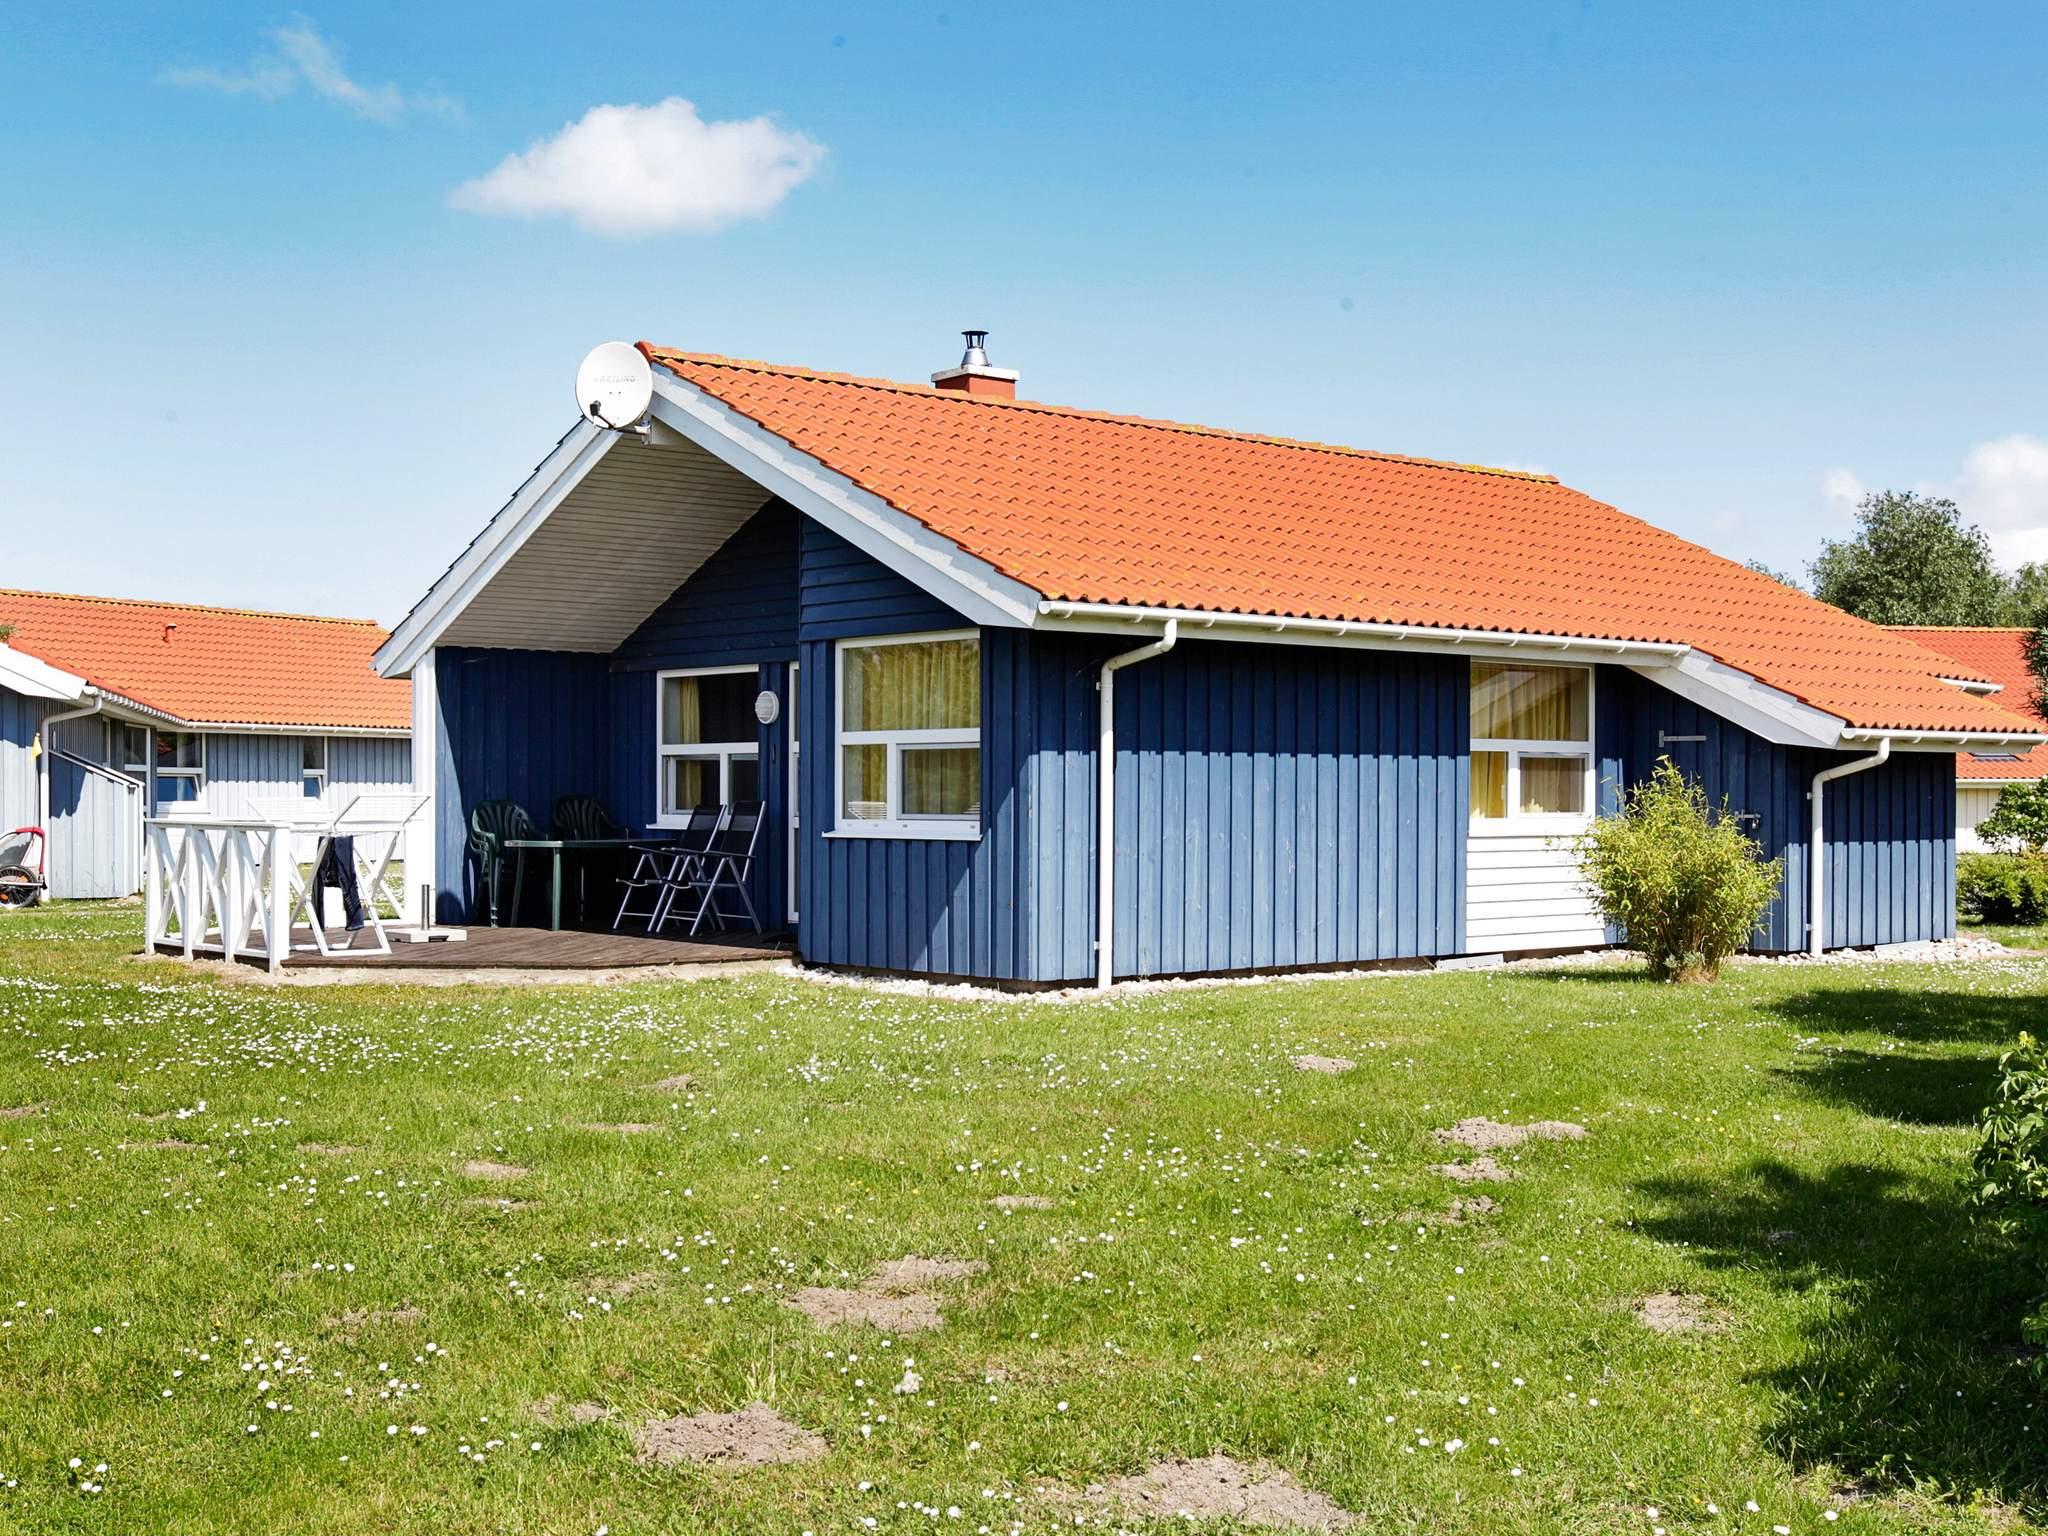 Ferienhaus Otterndorf (86205), Otterndorf, Cuxhaven, Niedersachsen, Deutschland, Bild 7